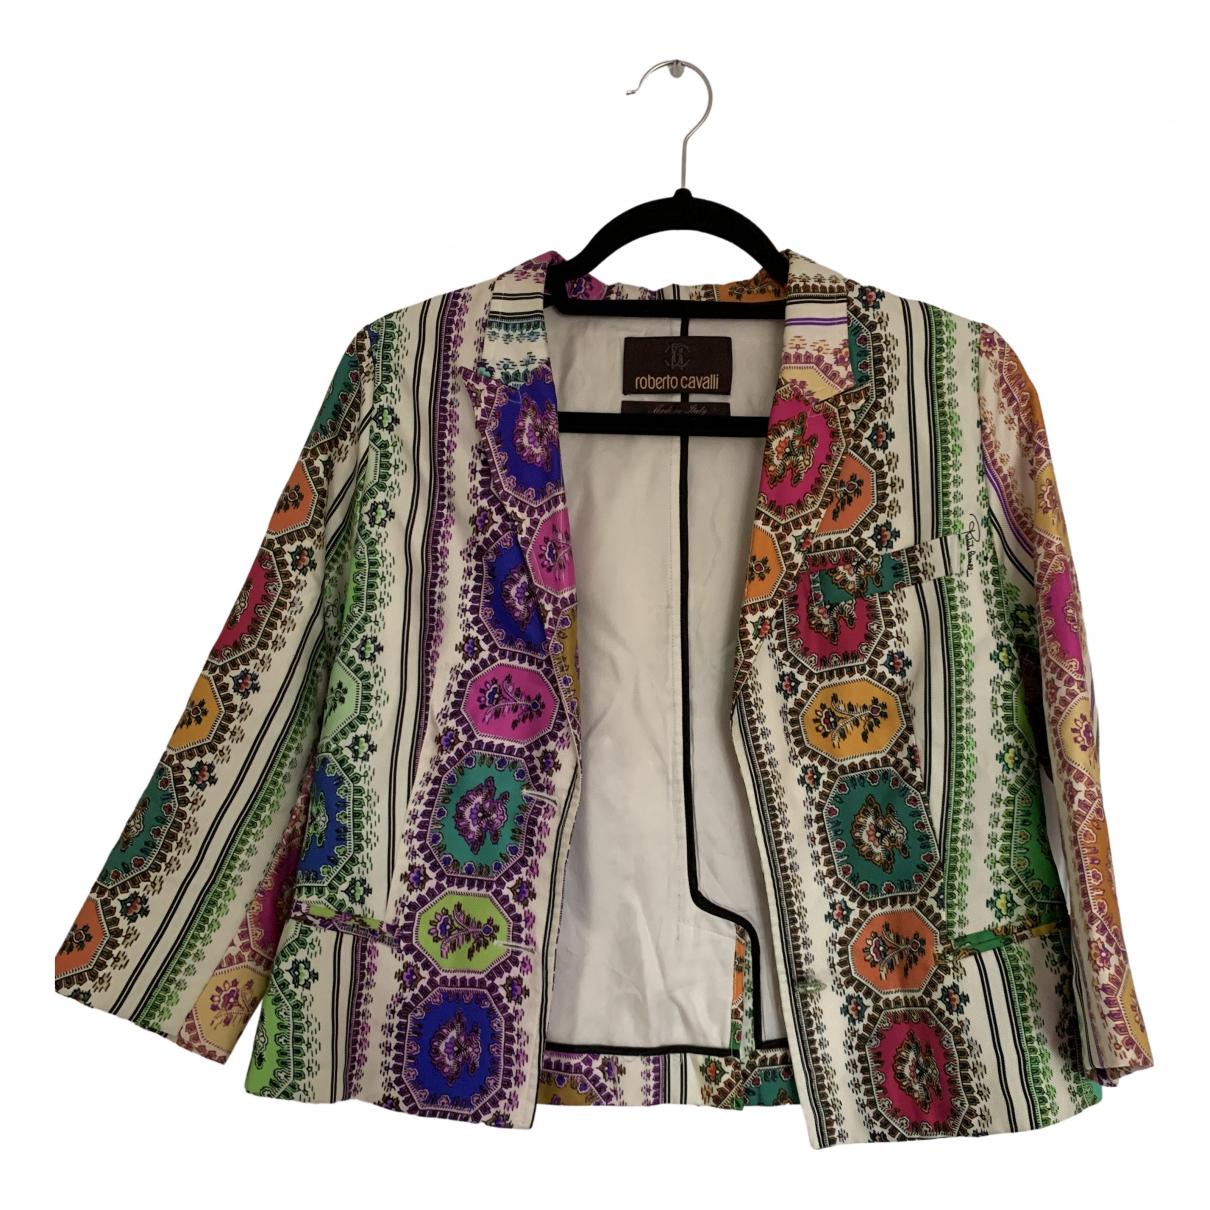 Roberto Cavalli - Veste   pour femme en soie - multicolore